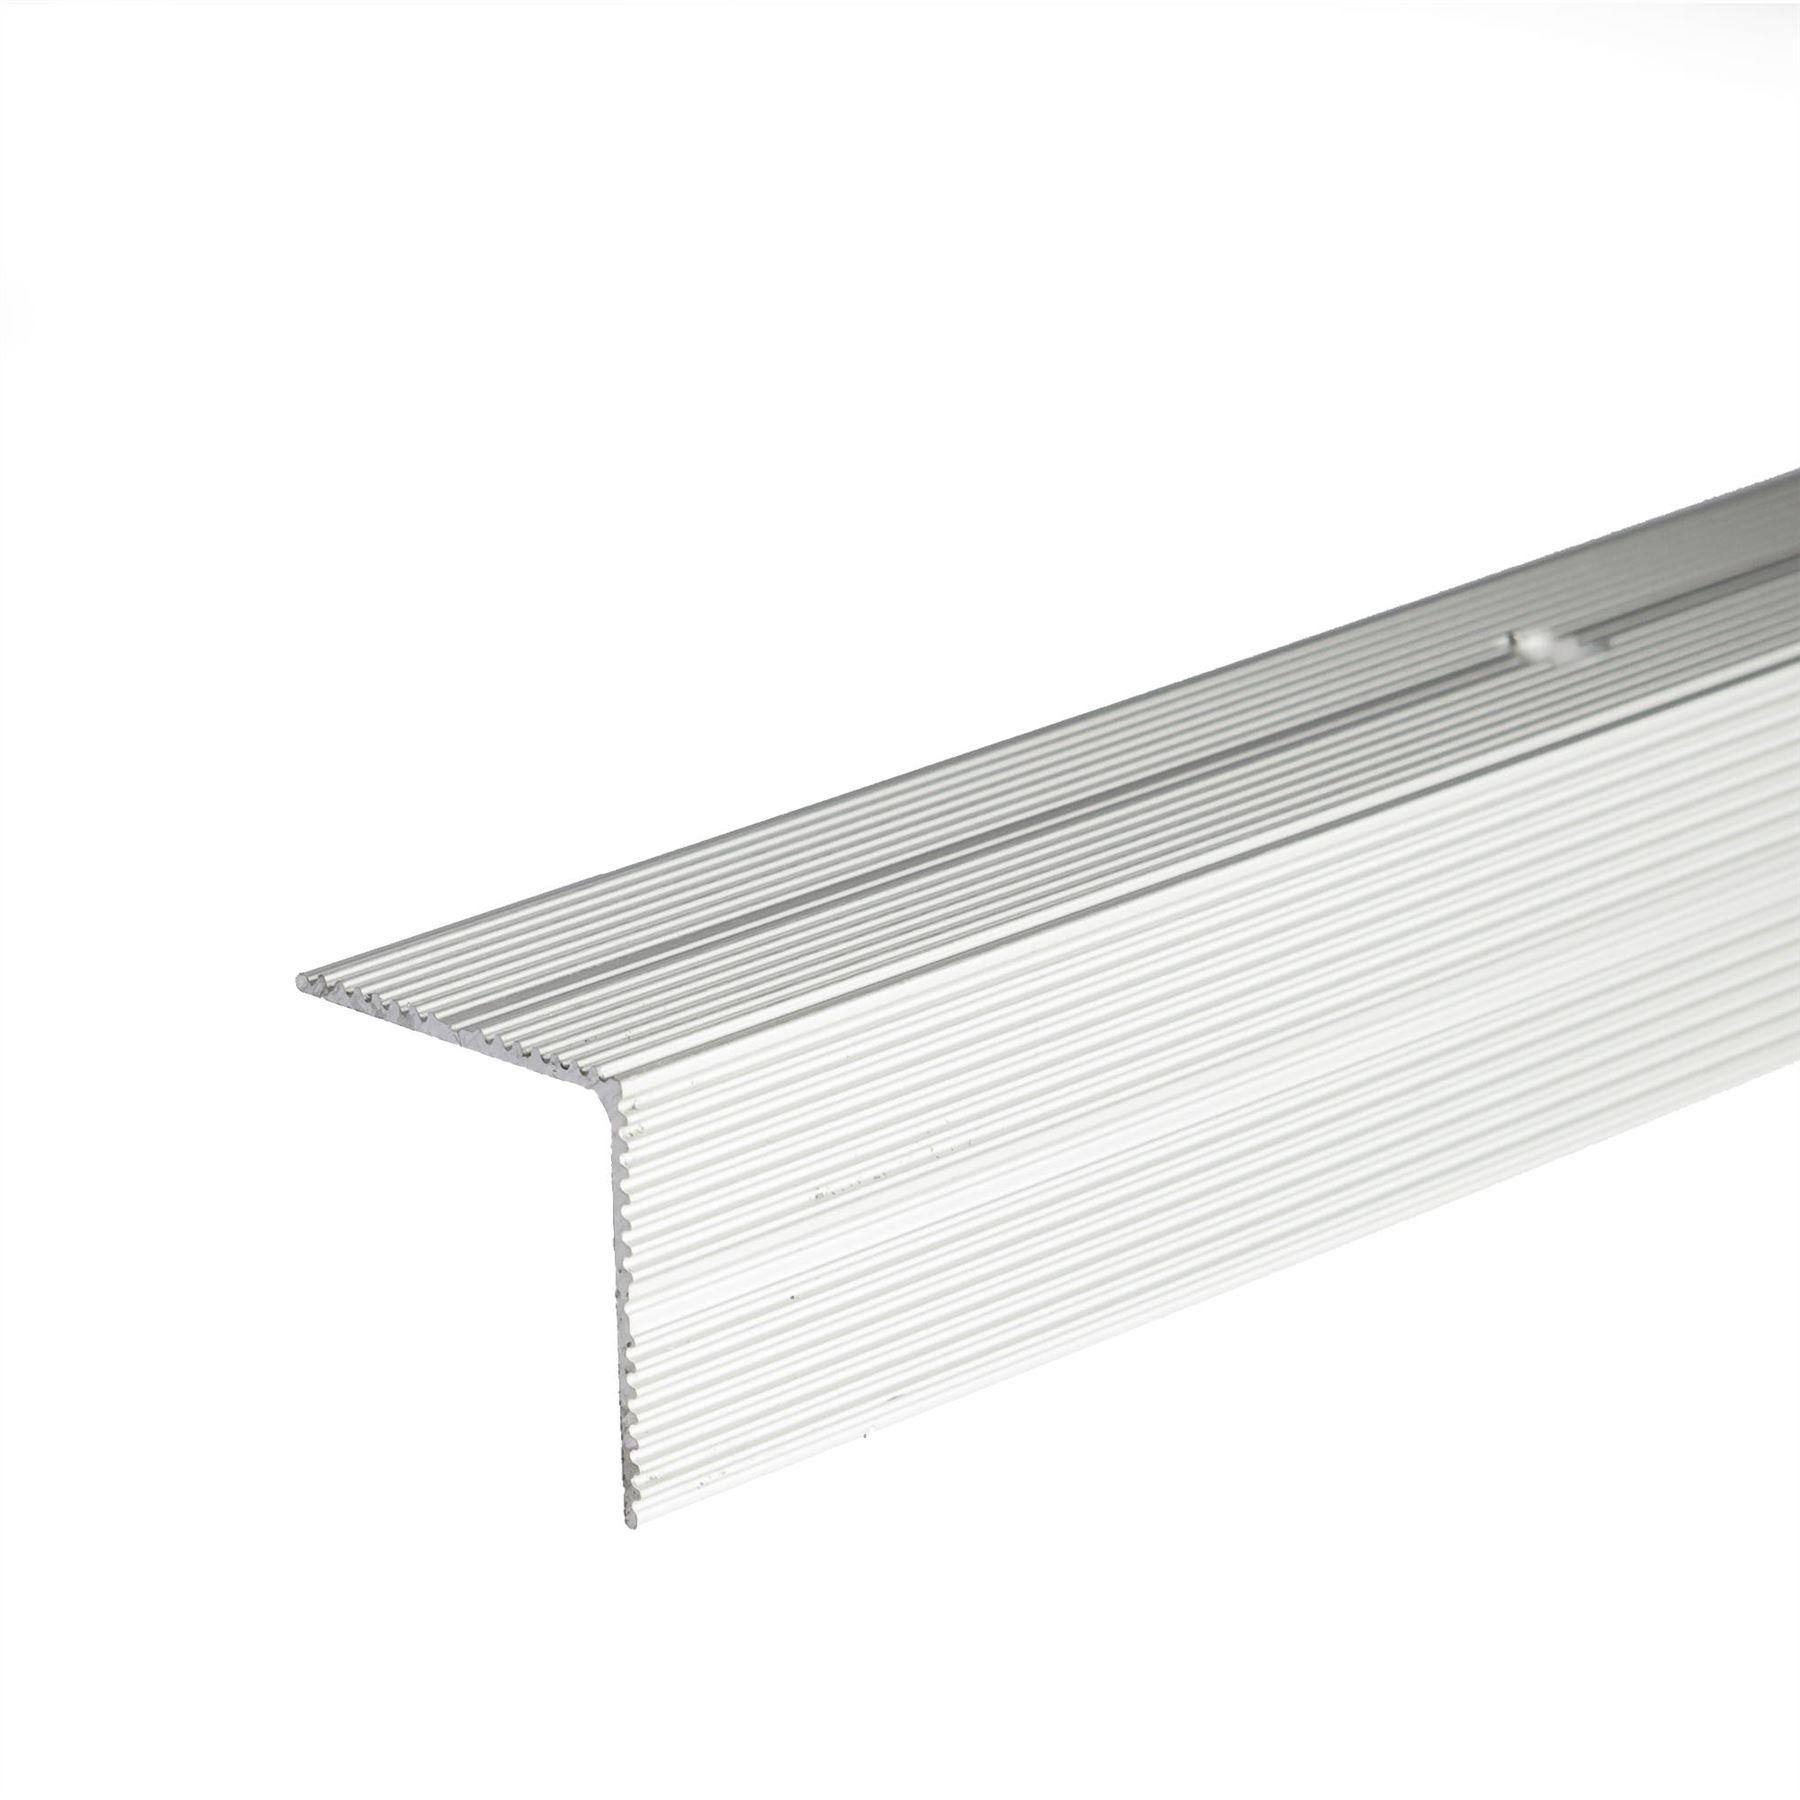 900mm X 35mm X 35mm Anodised Aluminium Anti Non Slip Stair